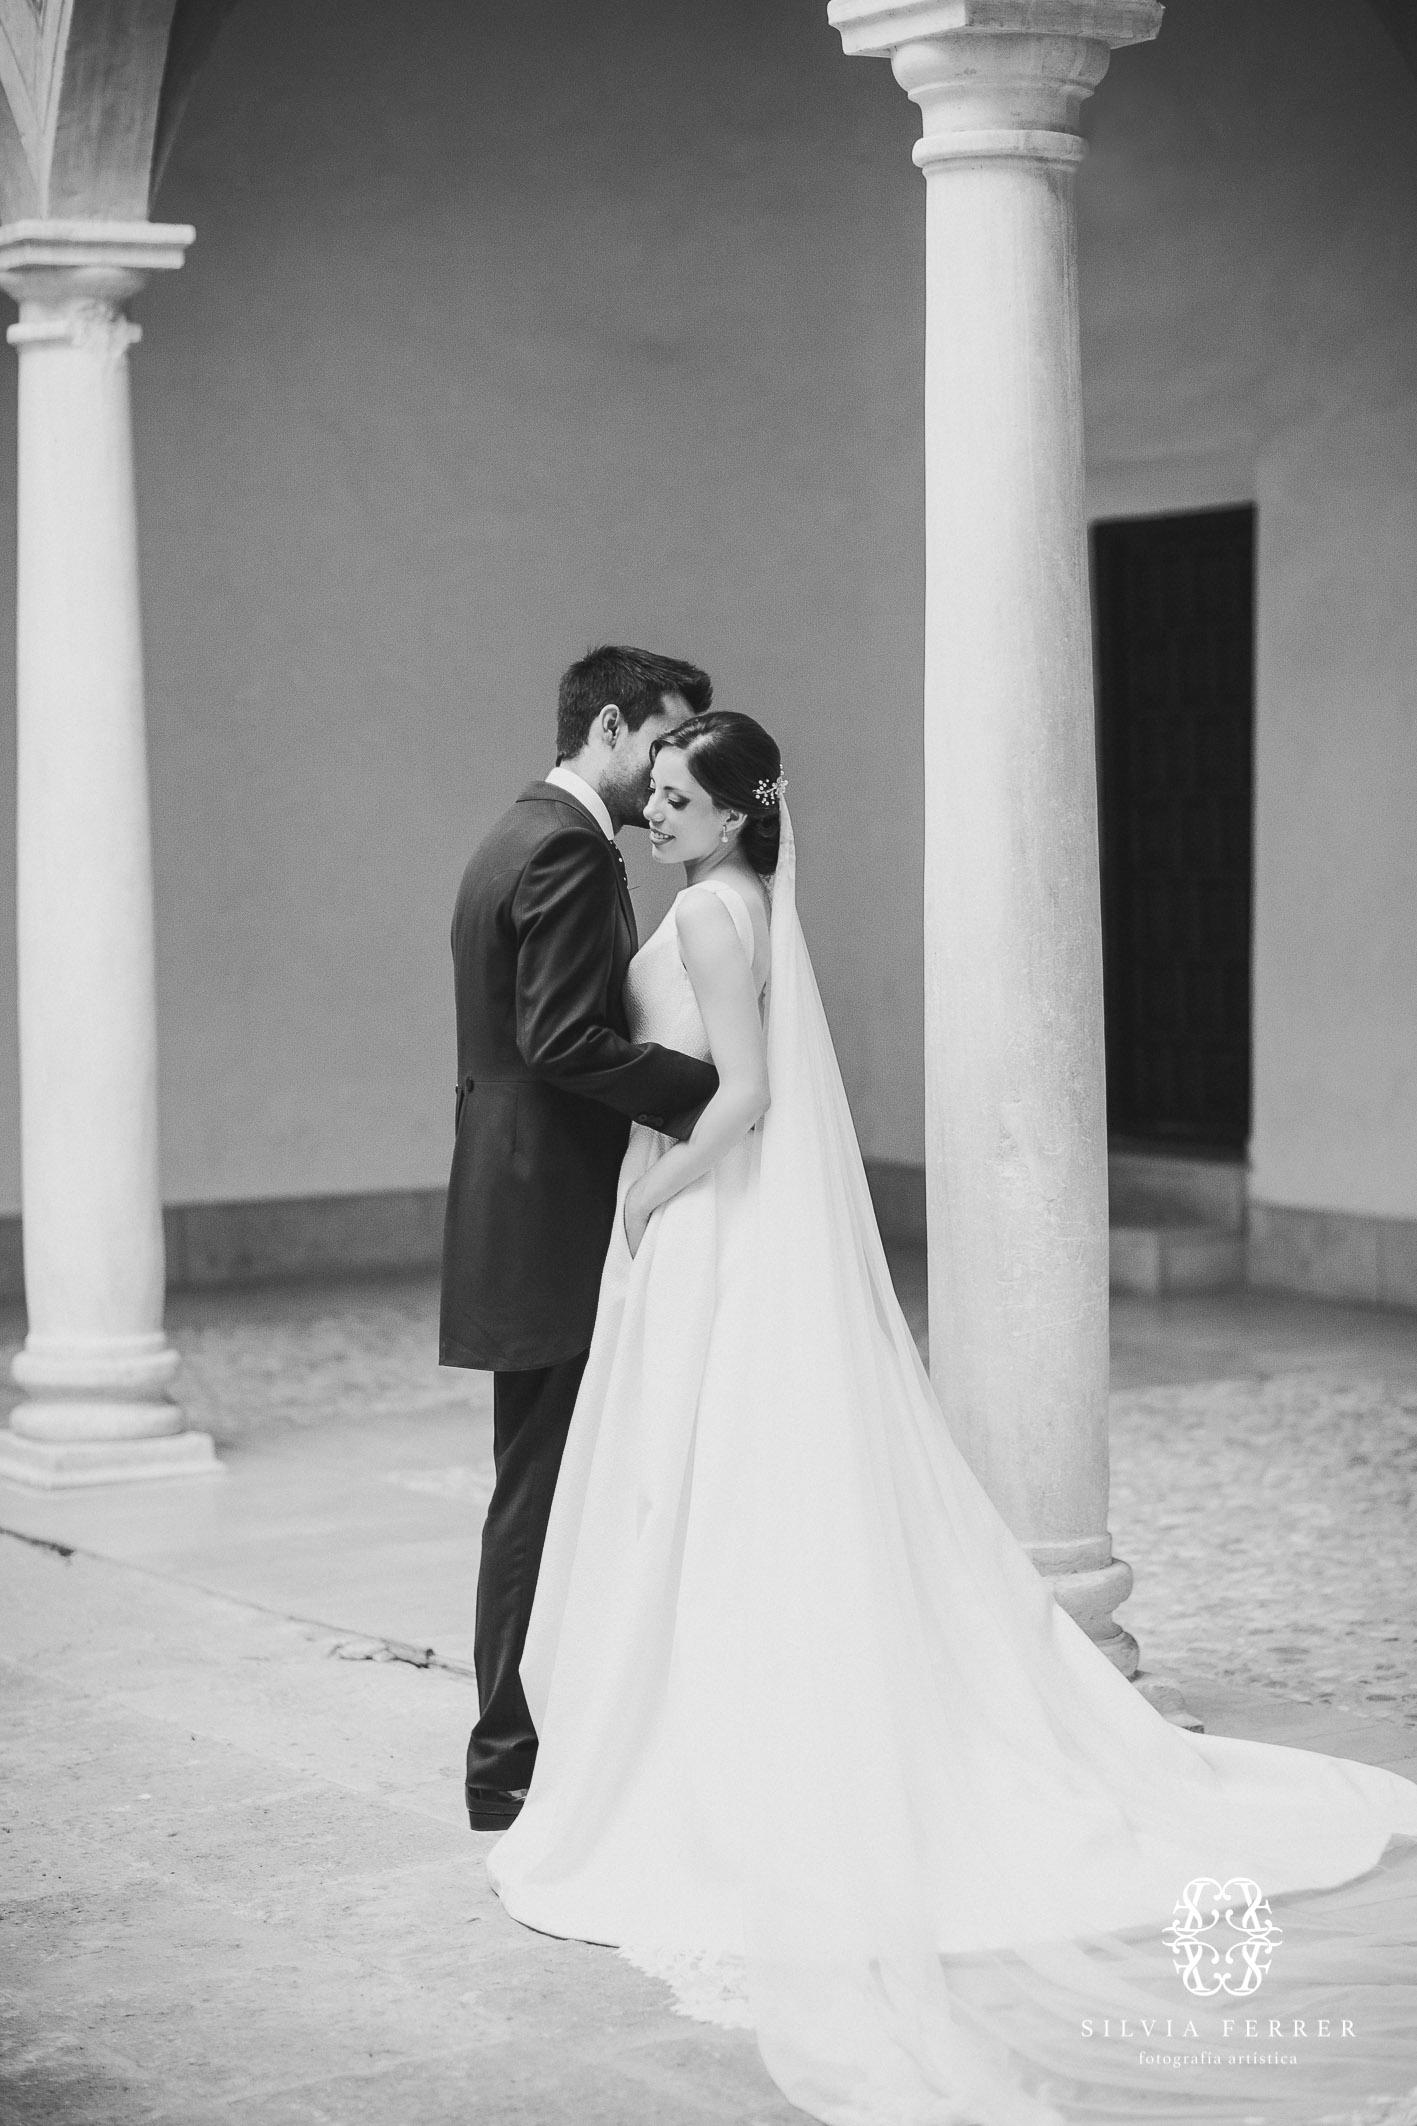 fotografos de boda en lorca